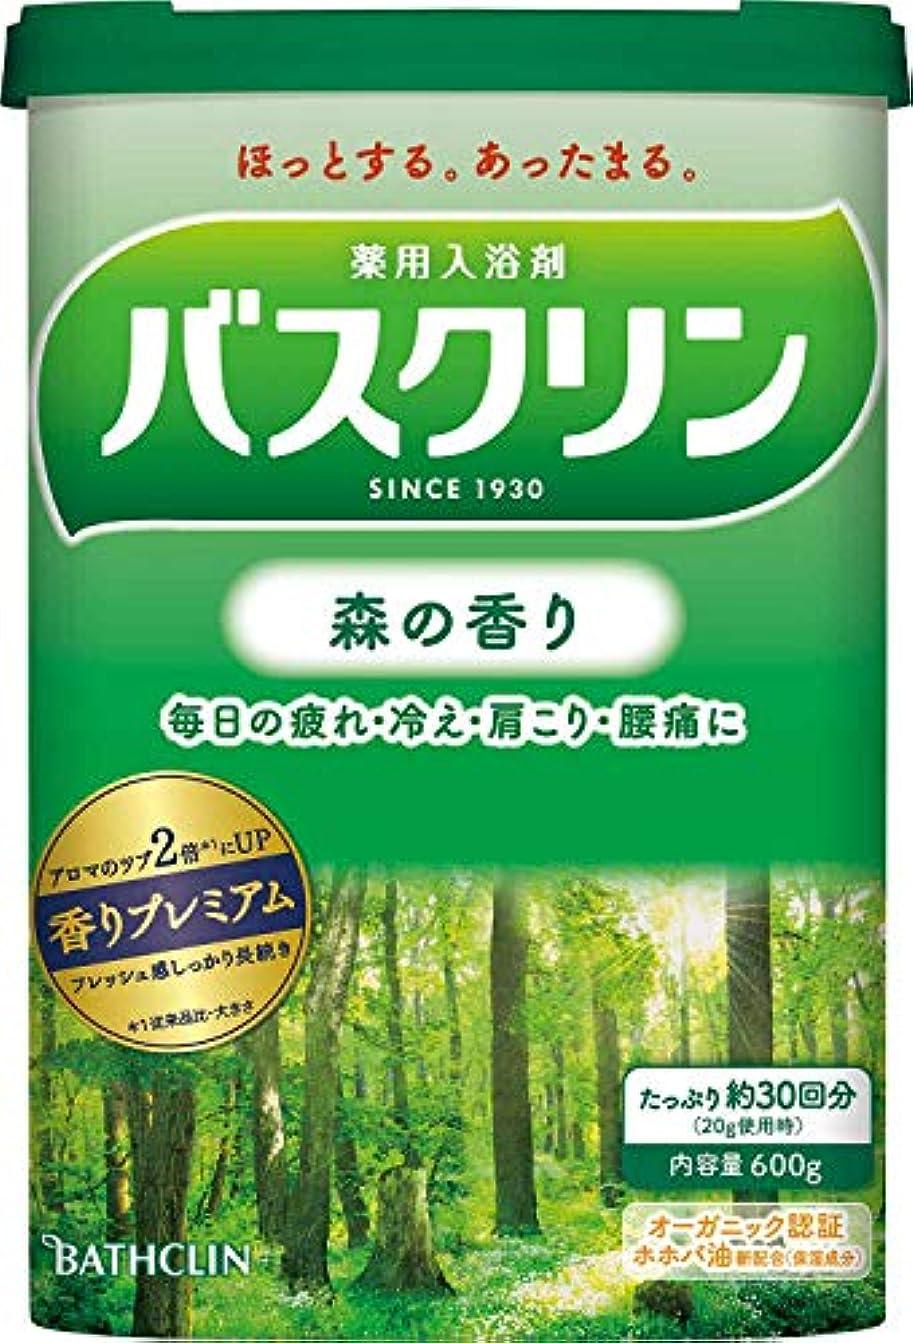 マオリ環境に優しい環境に優しい【医薬部外品】バスクリン入浴剤 森の香り600g入浴剤(約30回分) 疲労回復